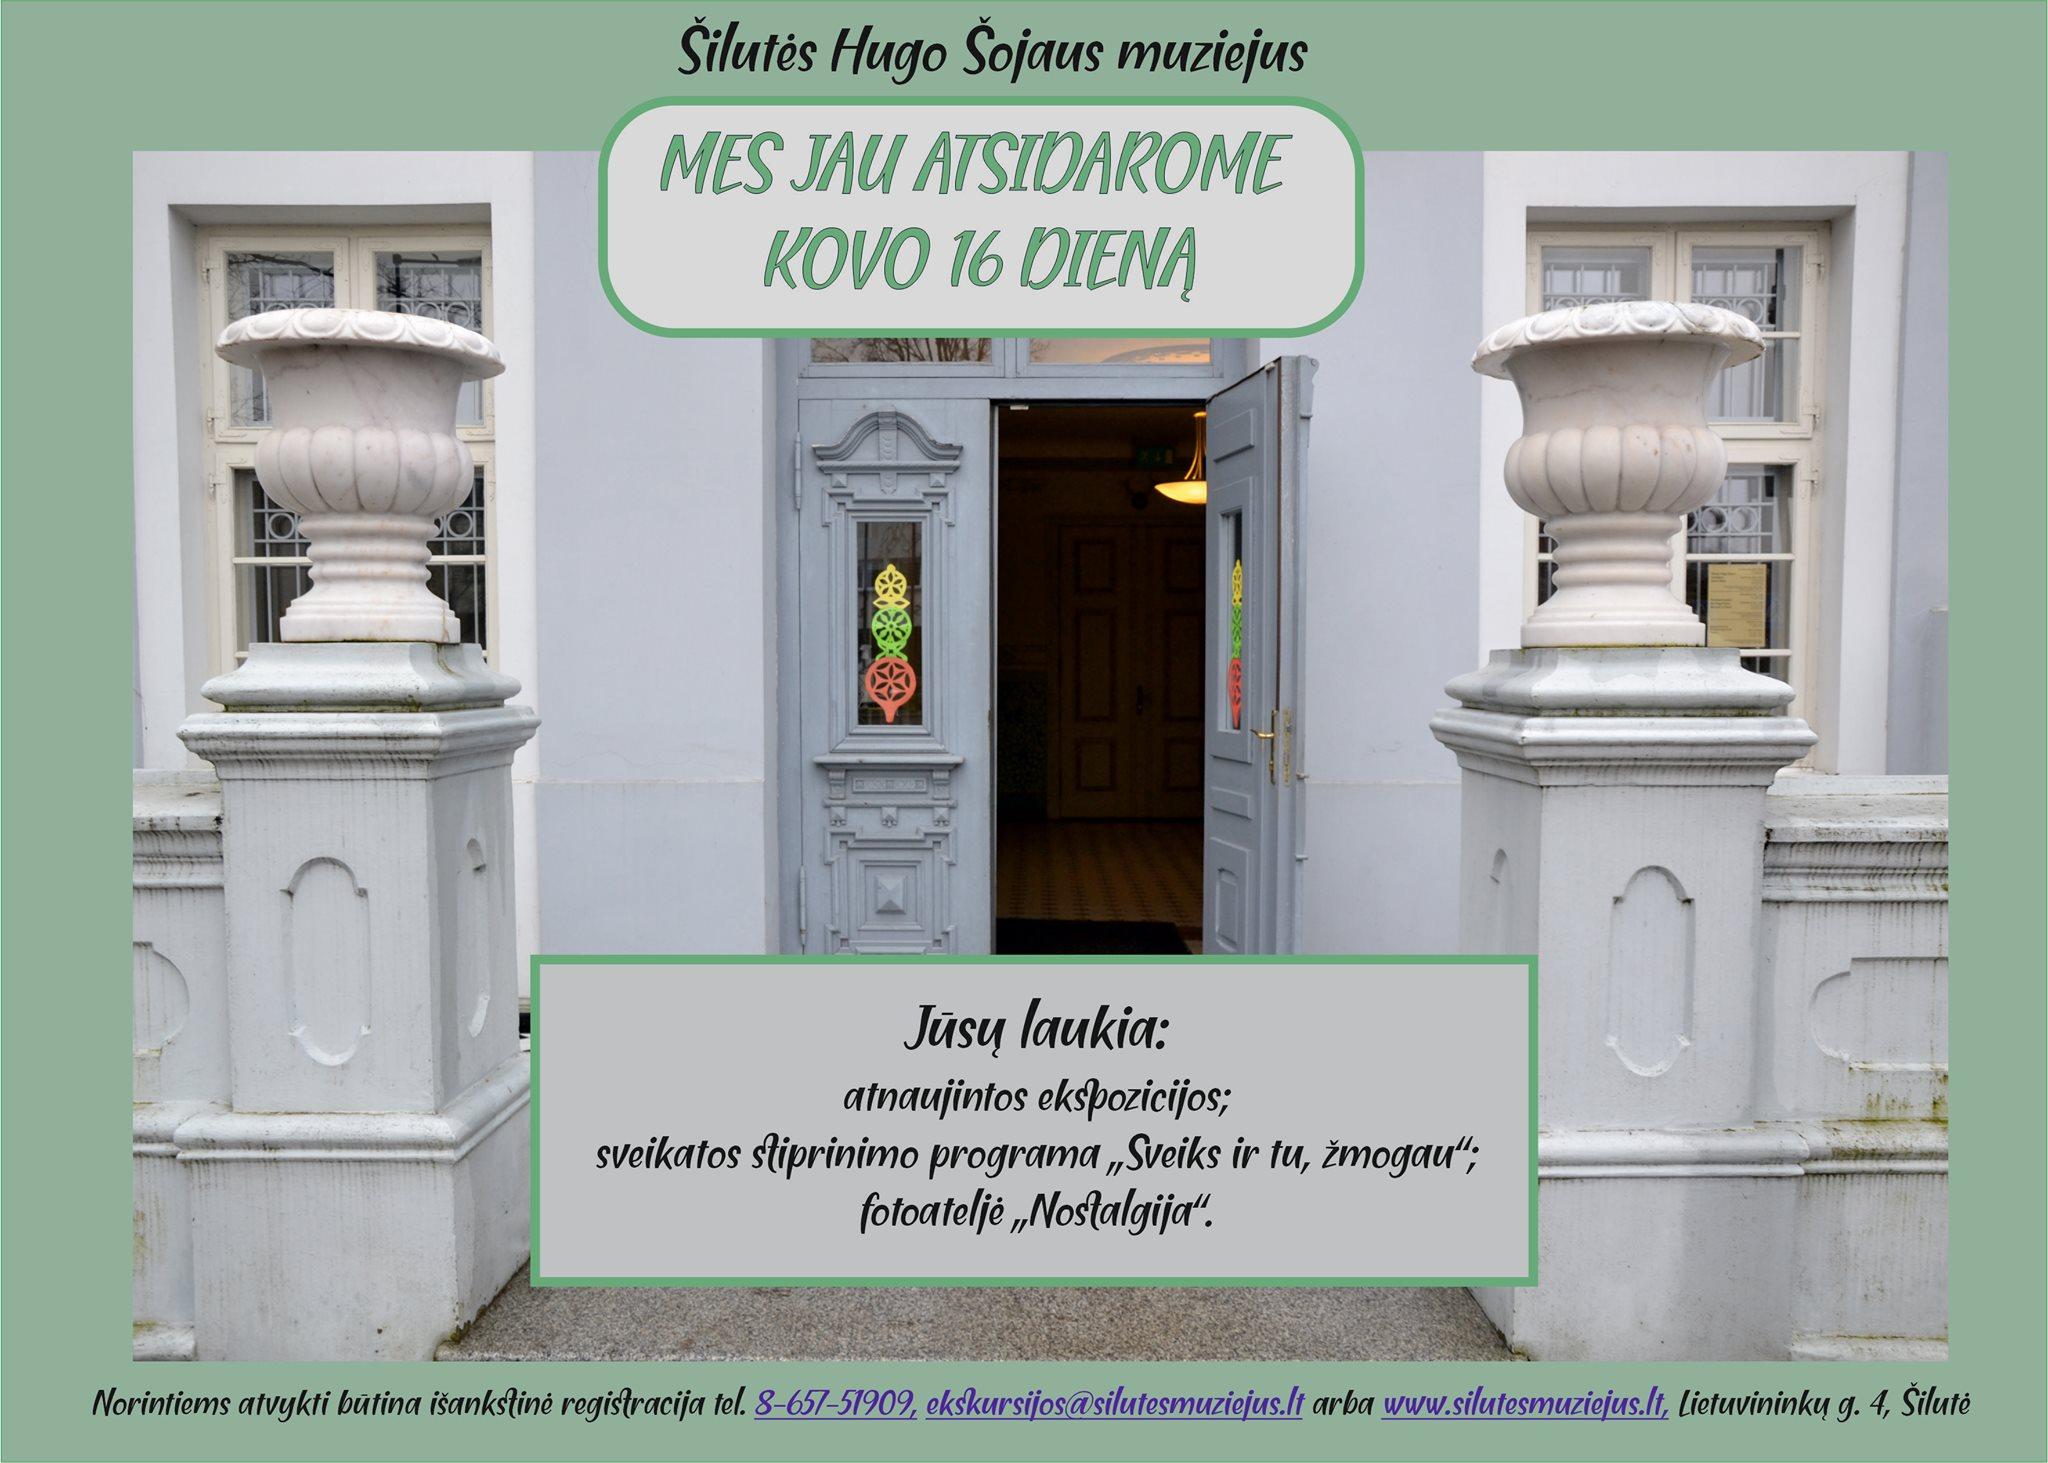 Šilutės Hugo Šojaus muziejus atveria duris